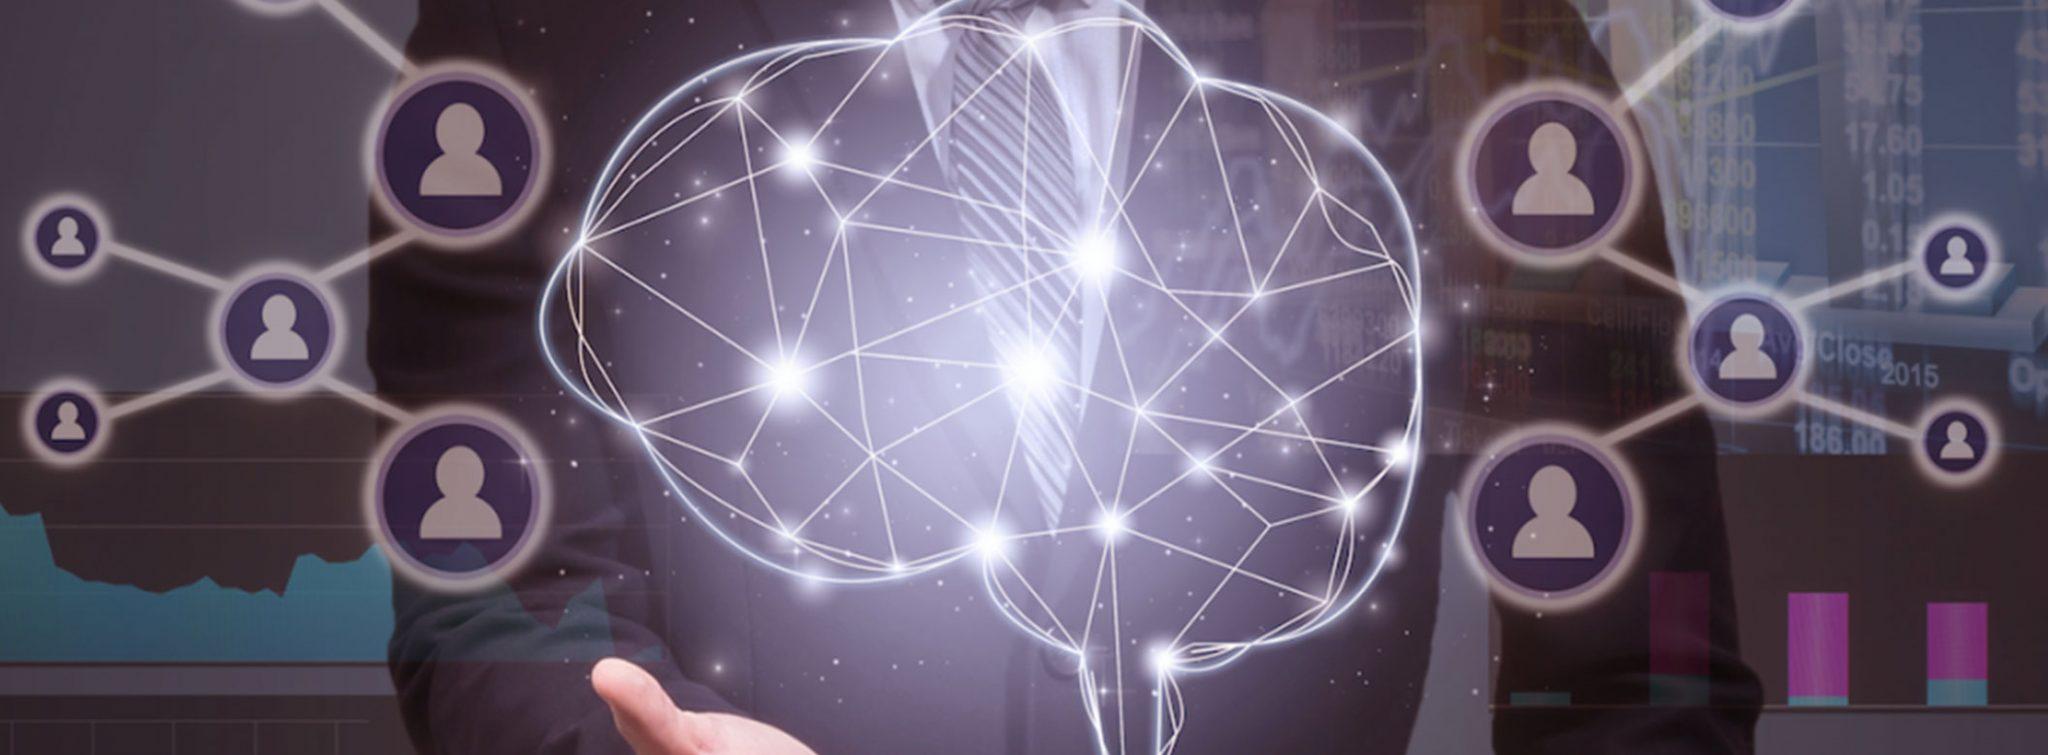 Ciência de dados aplicada à inteligência de mercado